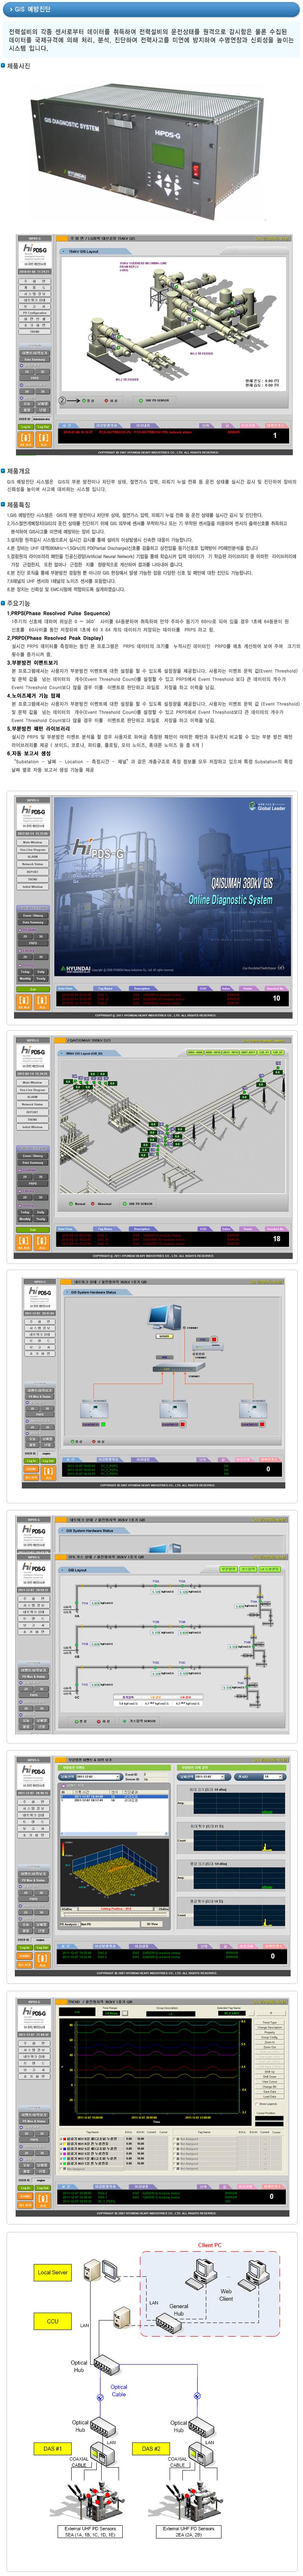 케이엠데이타 GIS 예방진단 시스템 HiPDS-G, HiPDS-M